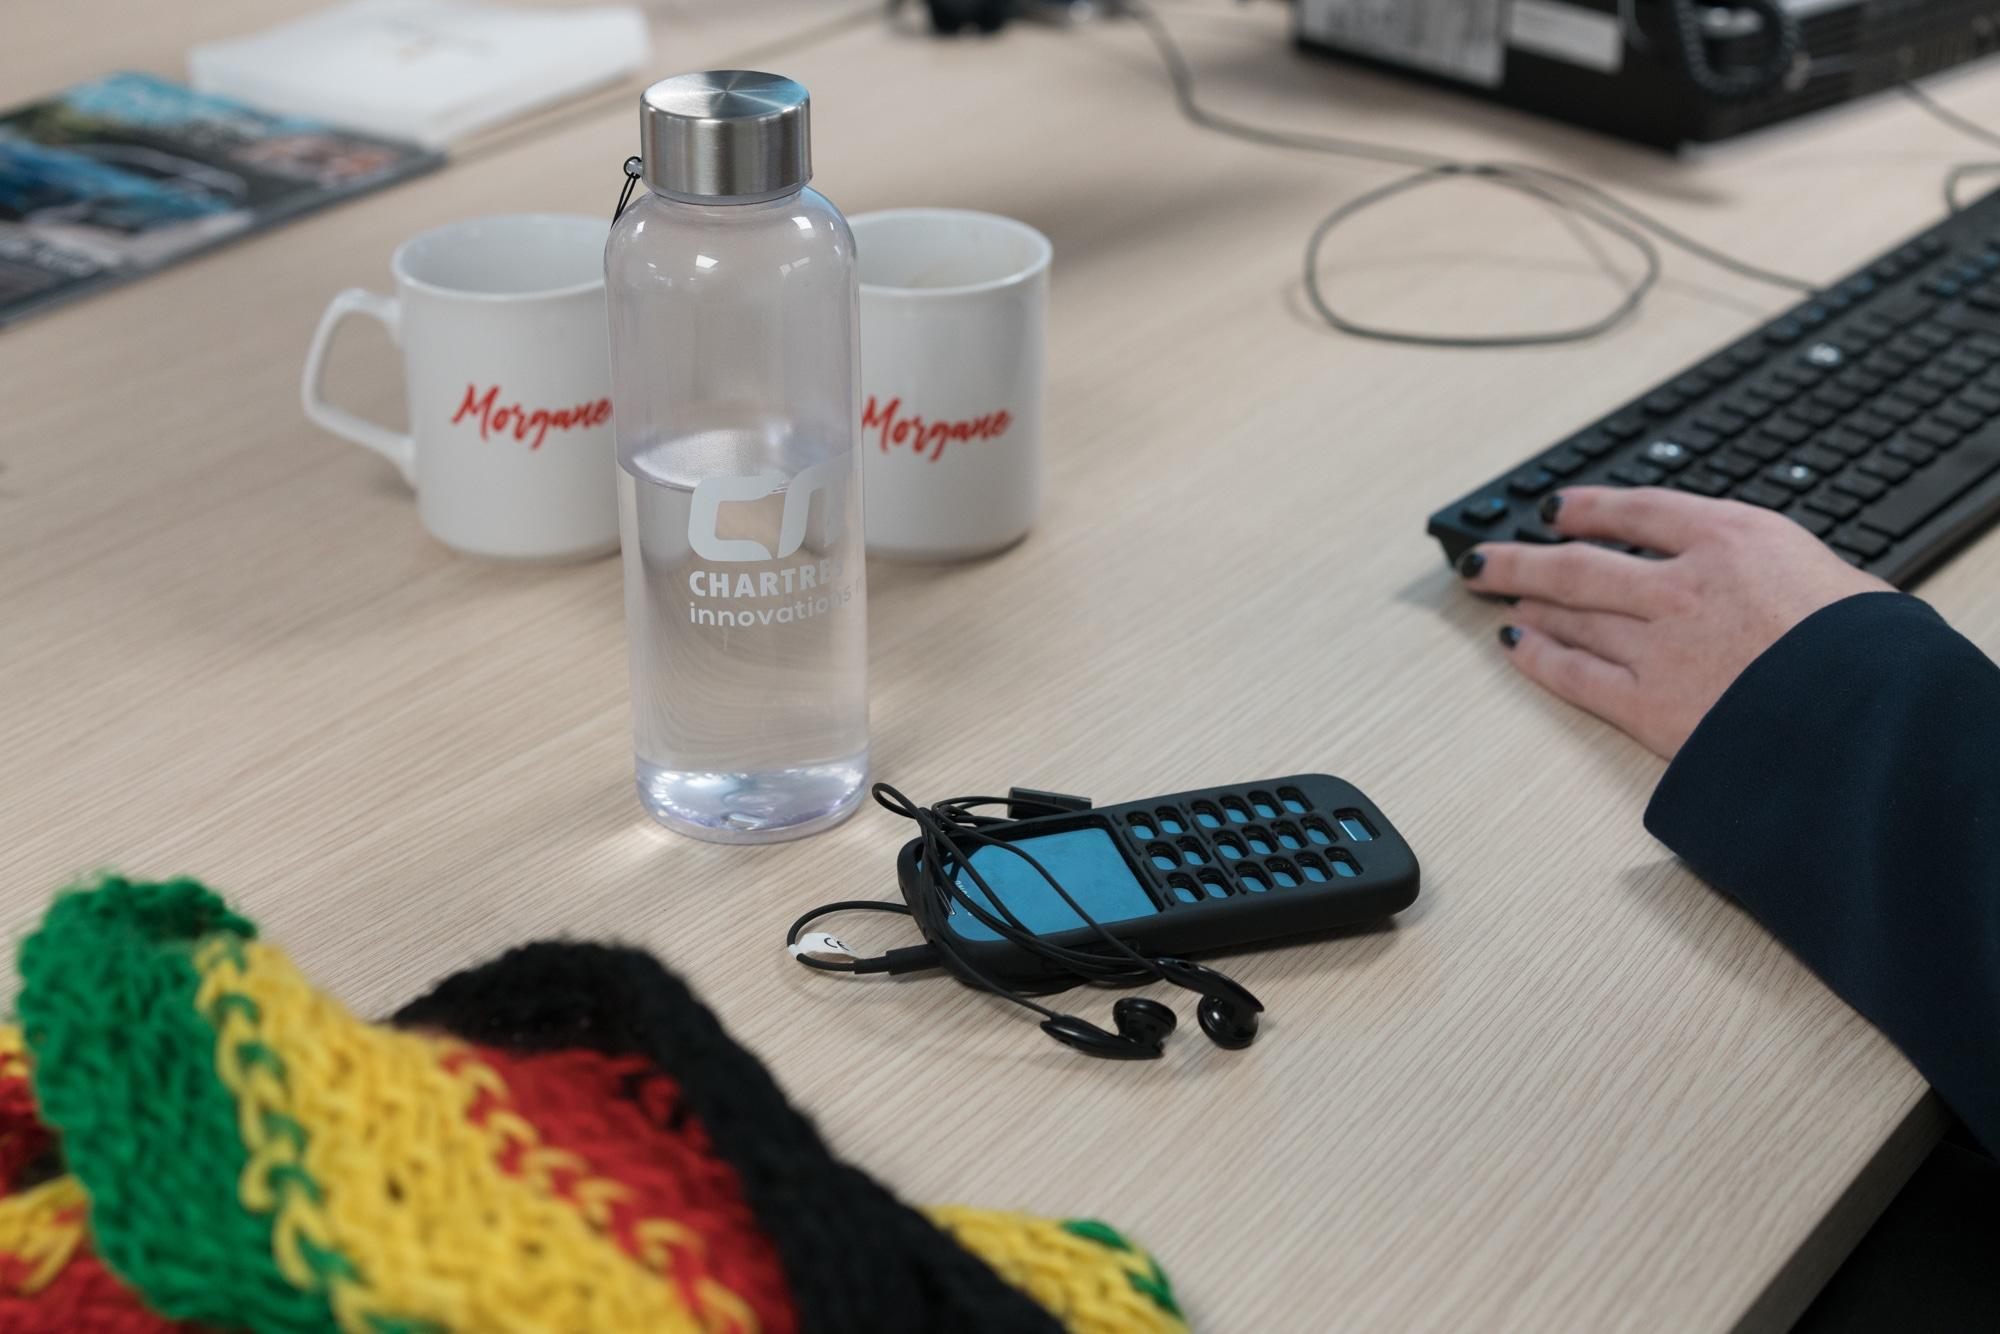 Sur le bureau de Morgane, on aperçoit des tasses, une bouteilles Chartres Innovations et un téléphone muni d'écouteurs.